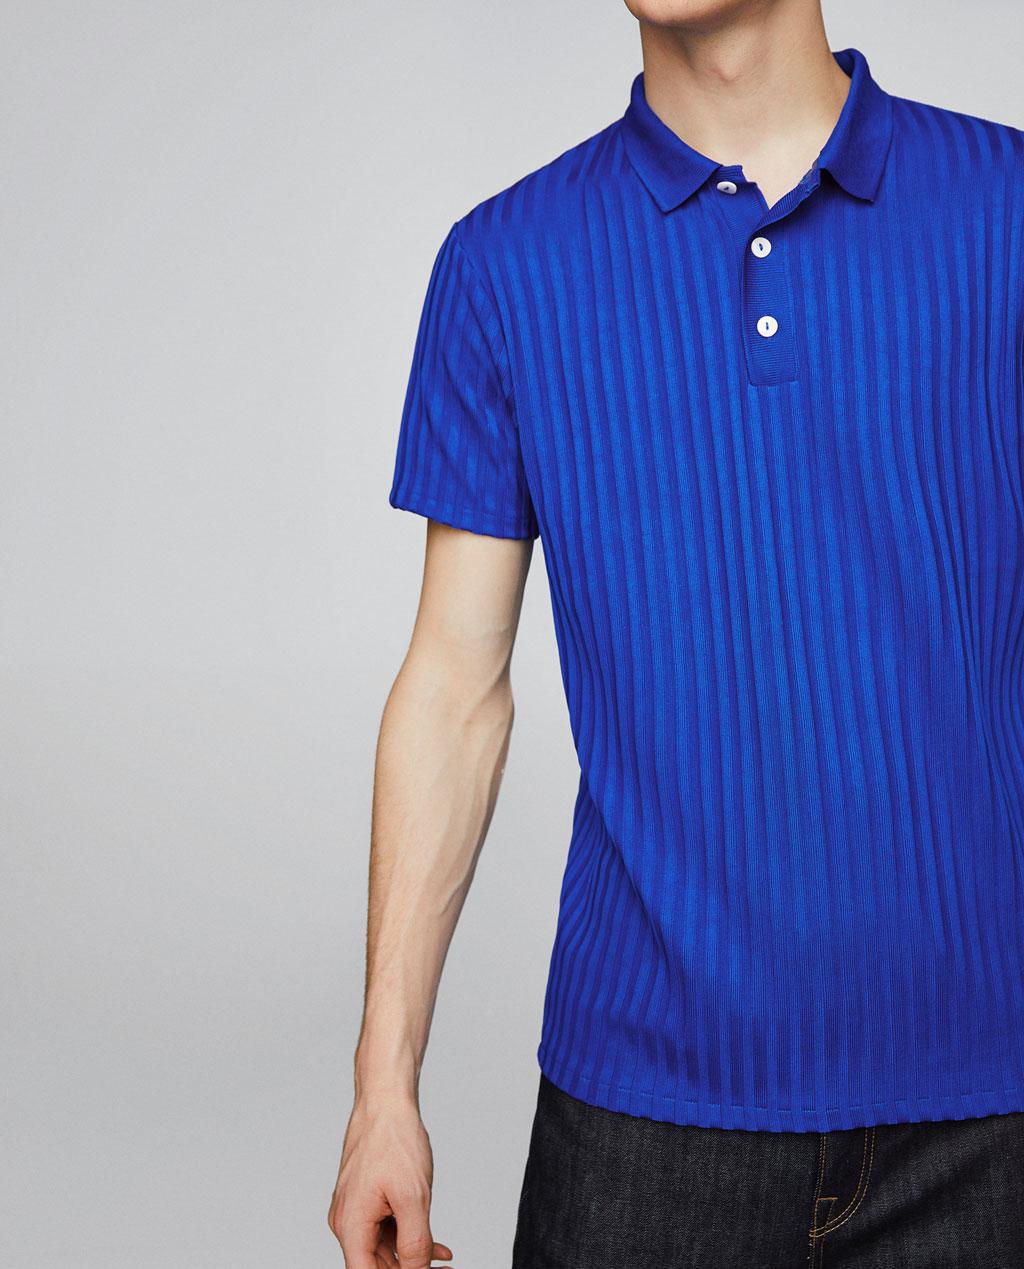 Thời trang nam Zara  23929 - ảnh 7